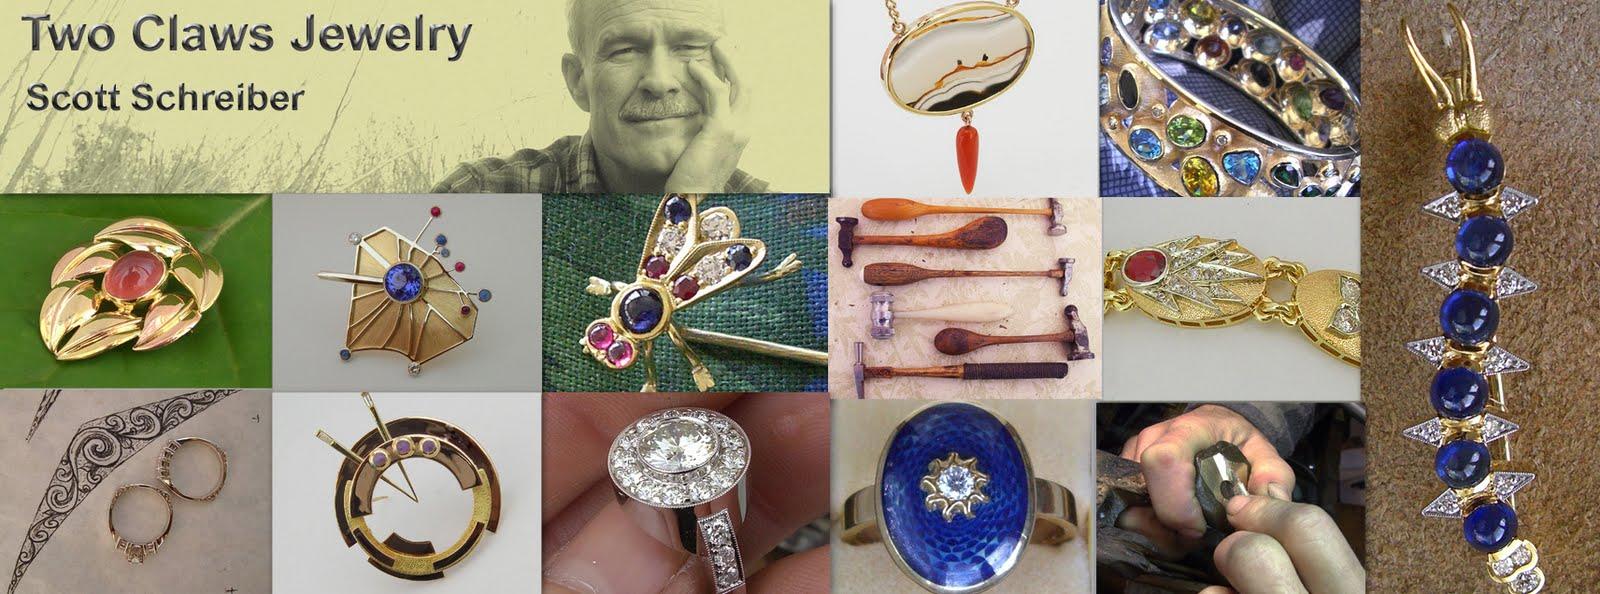 Two Claws Jewelry  / Scott Schreiber